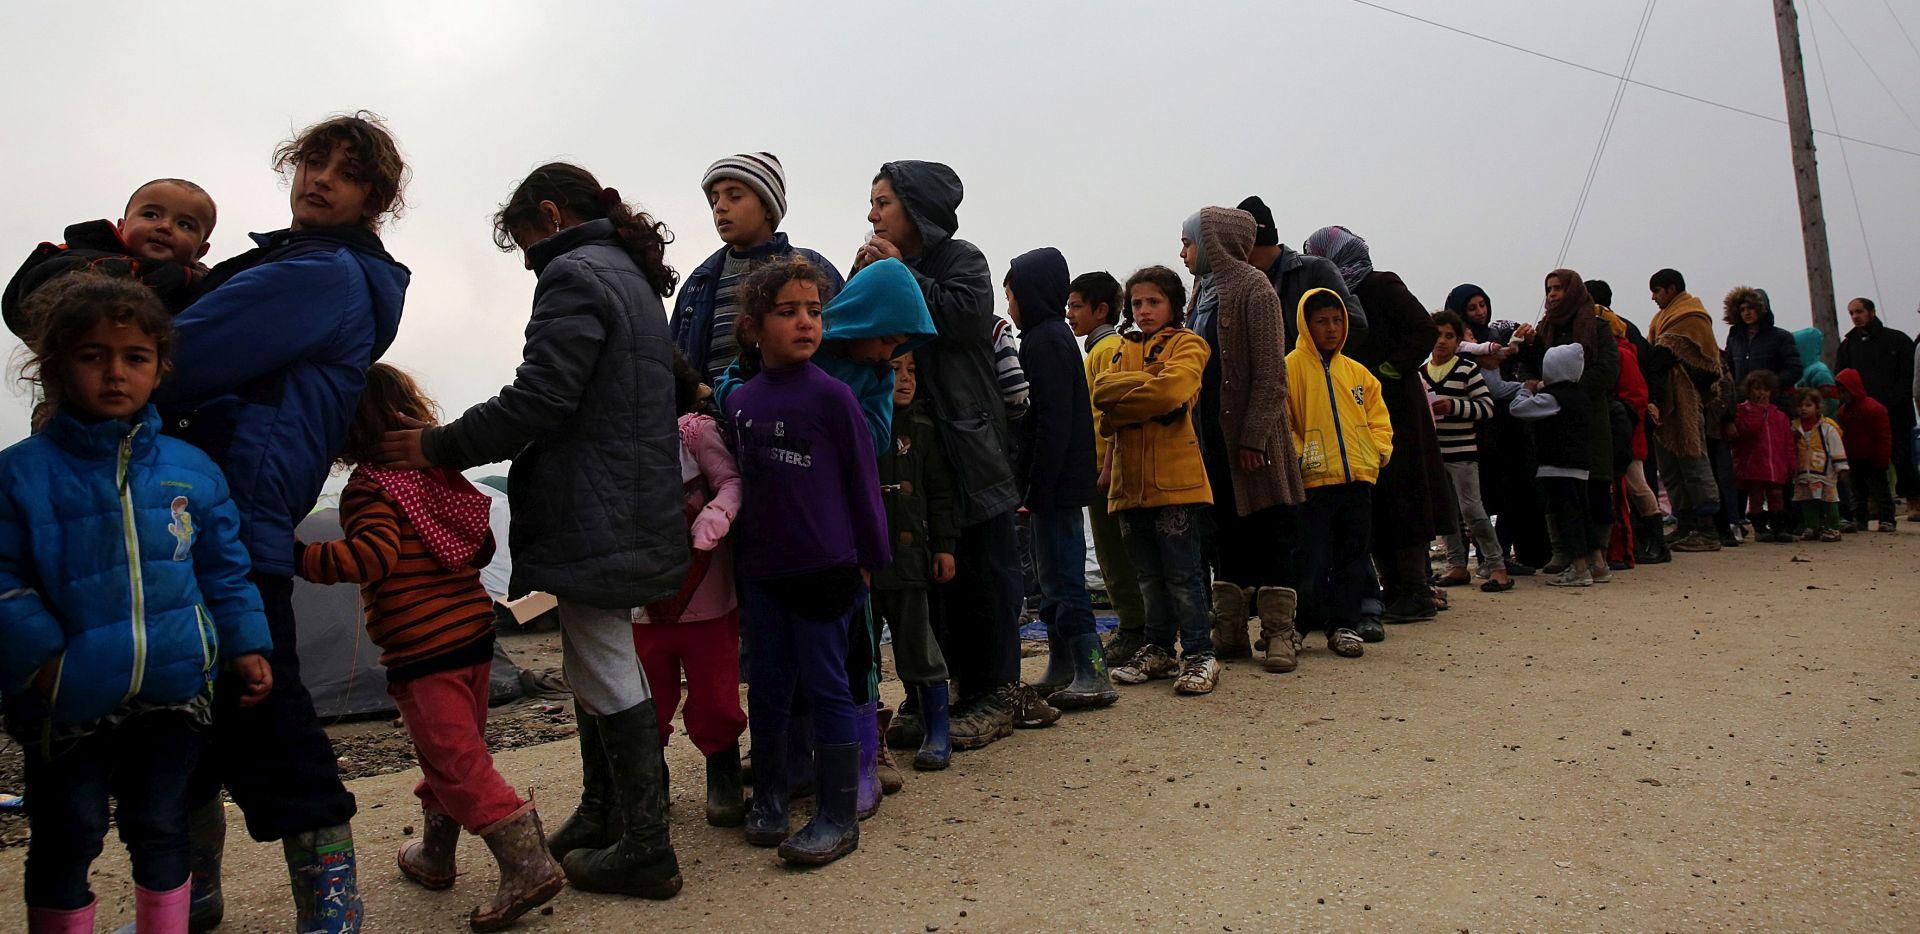 SPORAZUM EU-TURSKA: 49 migranata vraćeno iz Grčke u Tursku